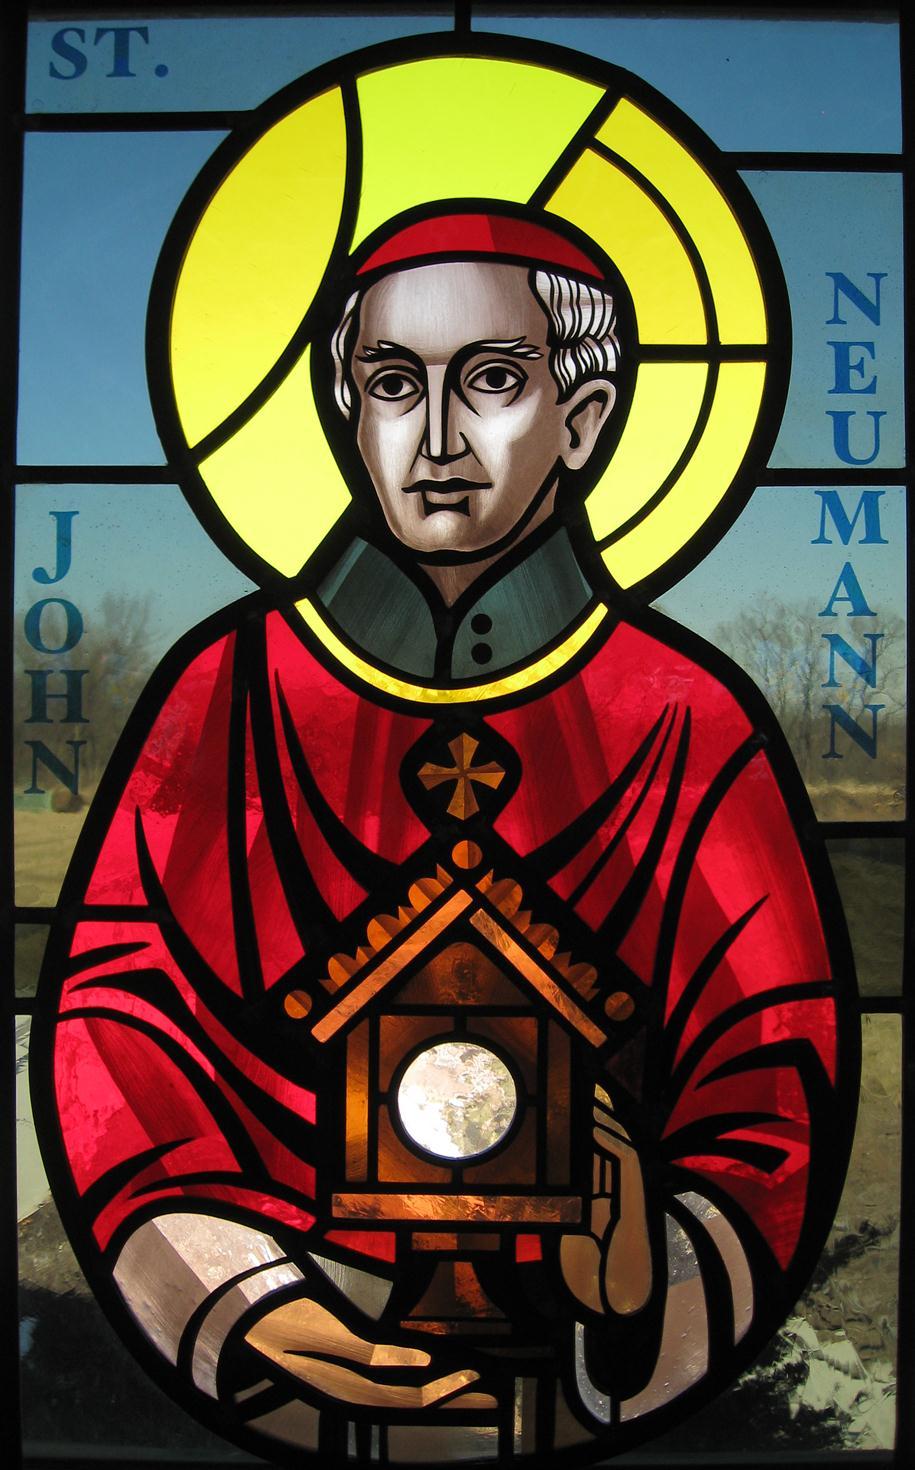 St John Neumann